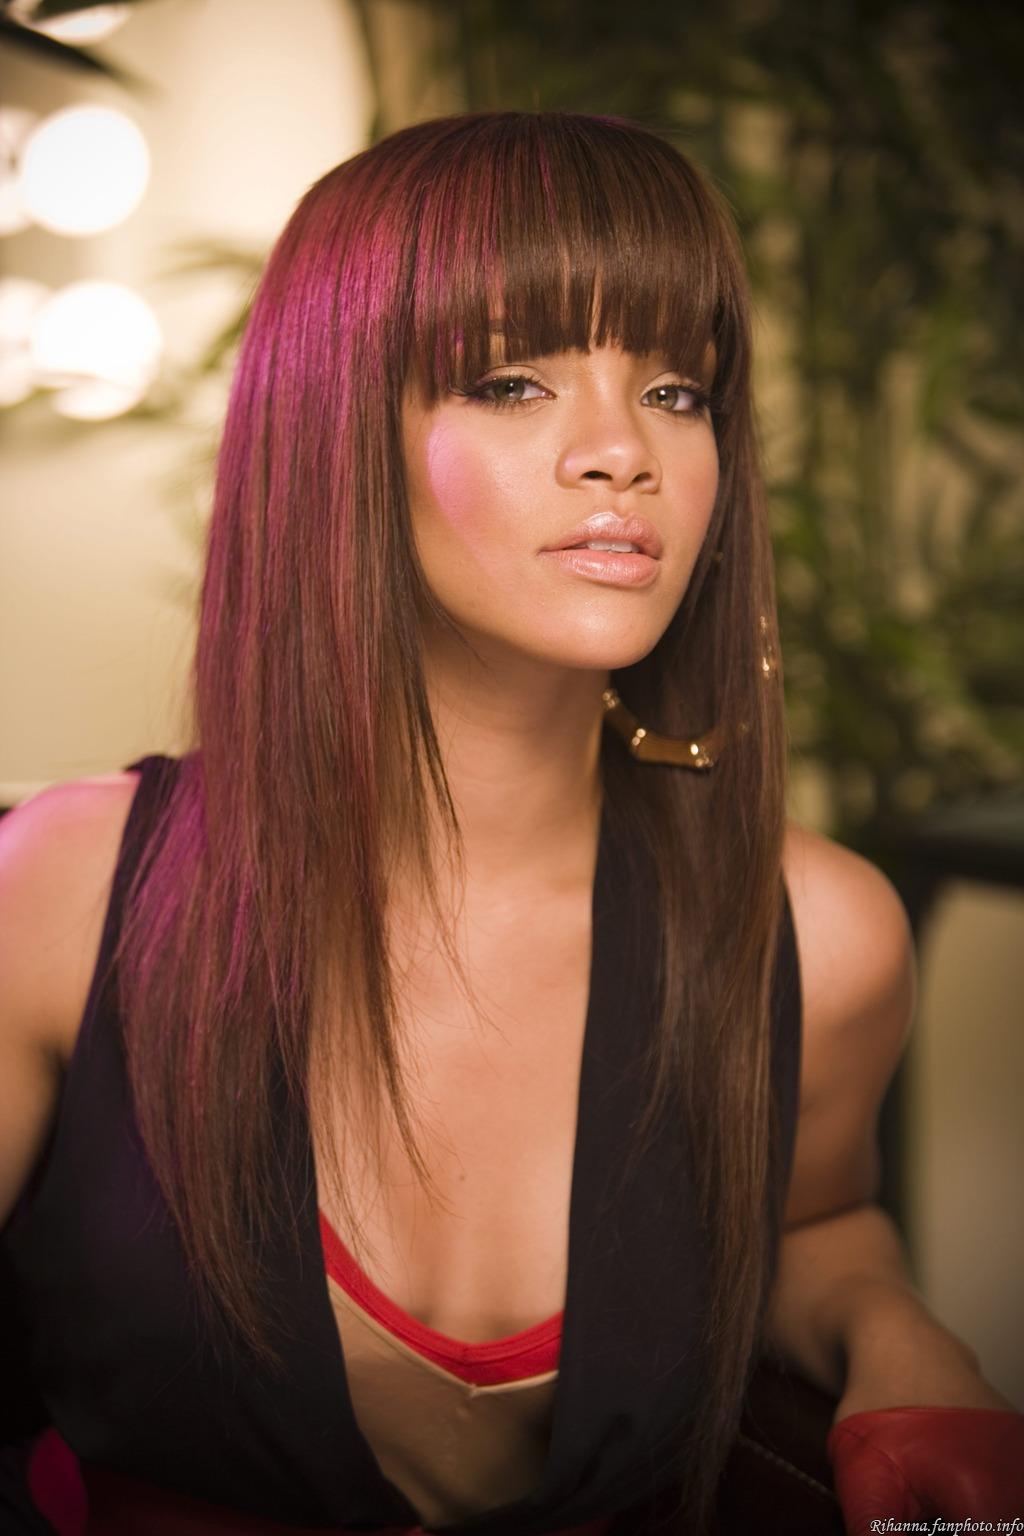 Bangs Inspiration: I really want bangs! Tuesday, October 12, 2010